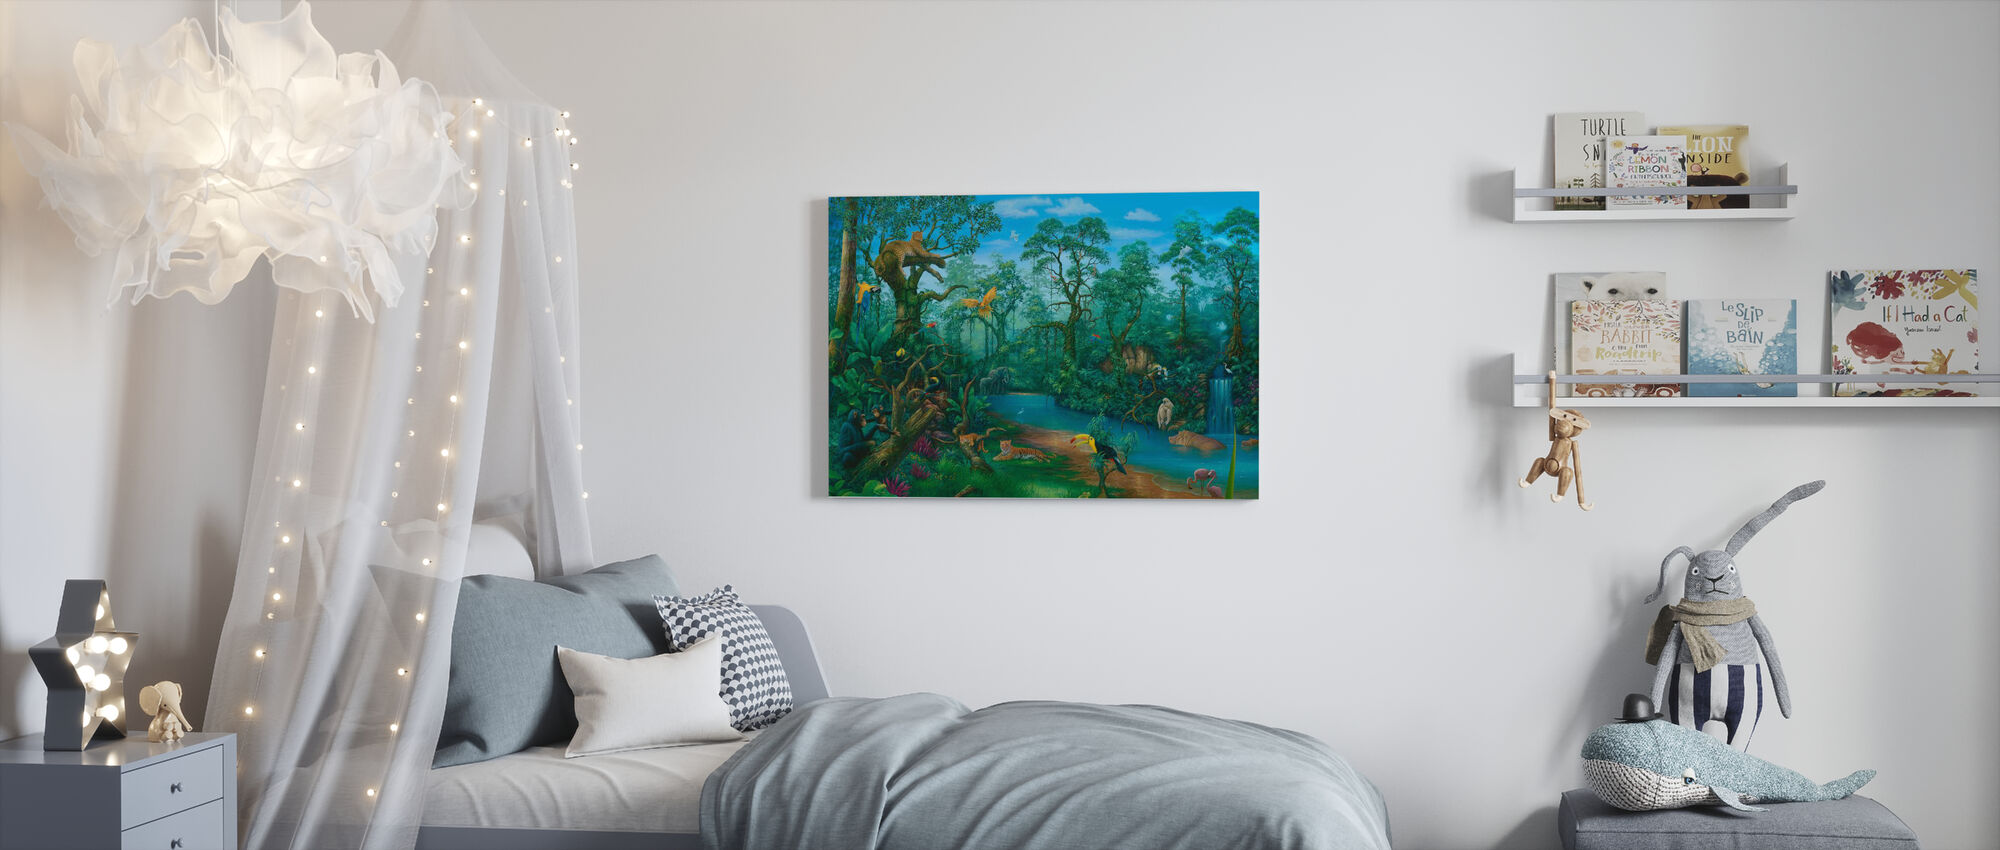 Det är en djungel där ute - Canvastavla - Barnrum